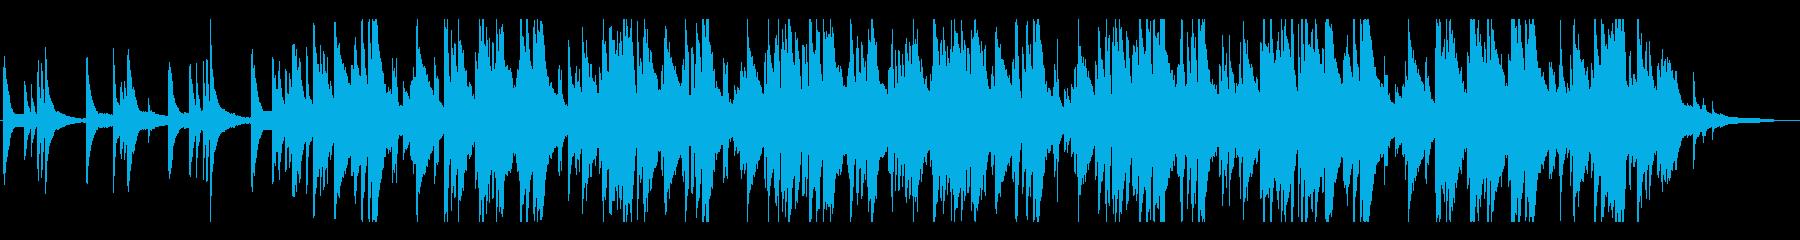 おしゃれ、ジャズラウンジの再生済みの波形